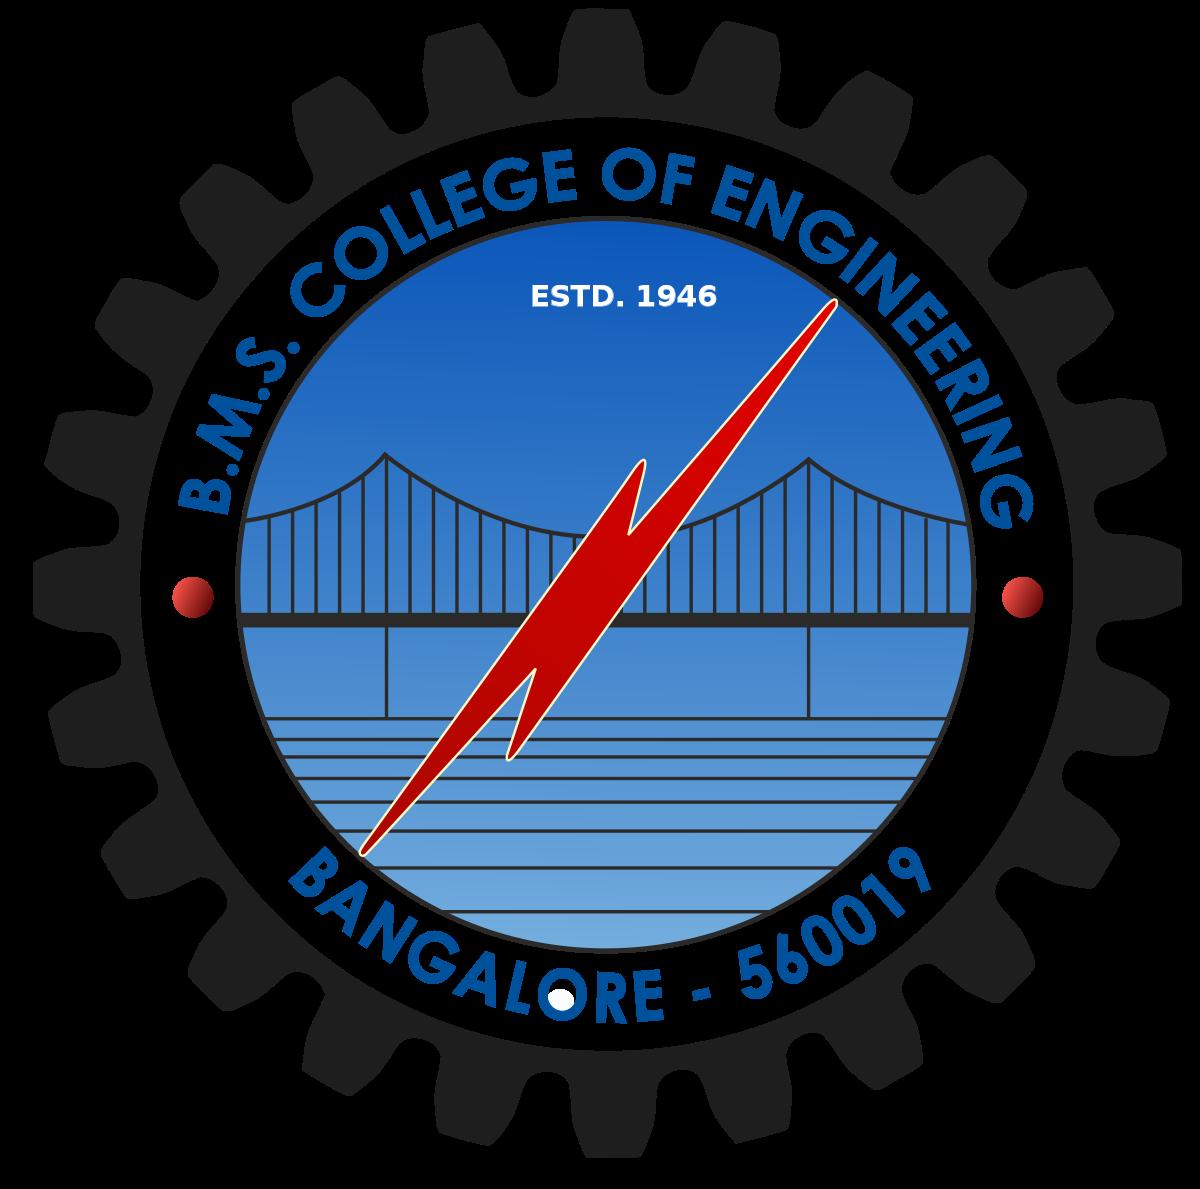 B.M.S. College Of Engineering, Bengaluru